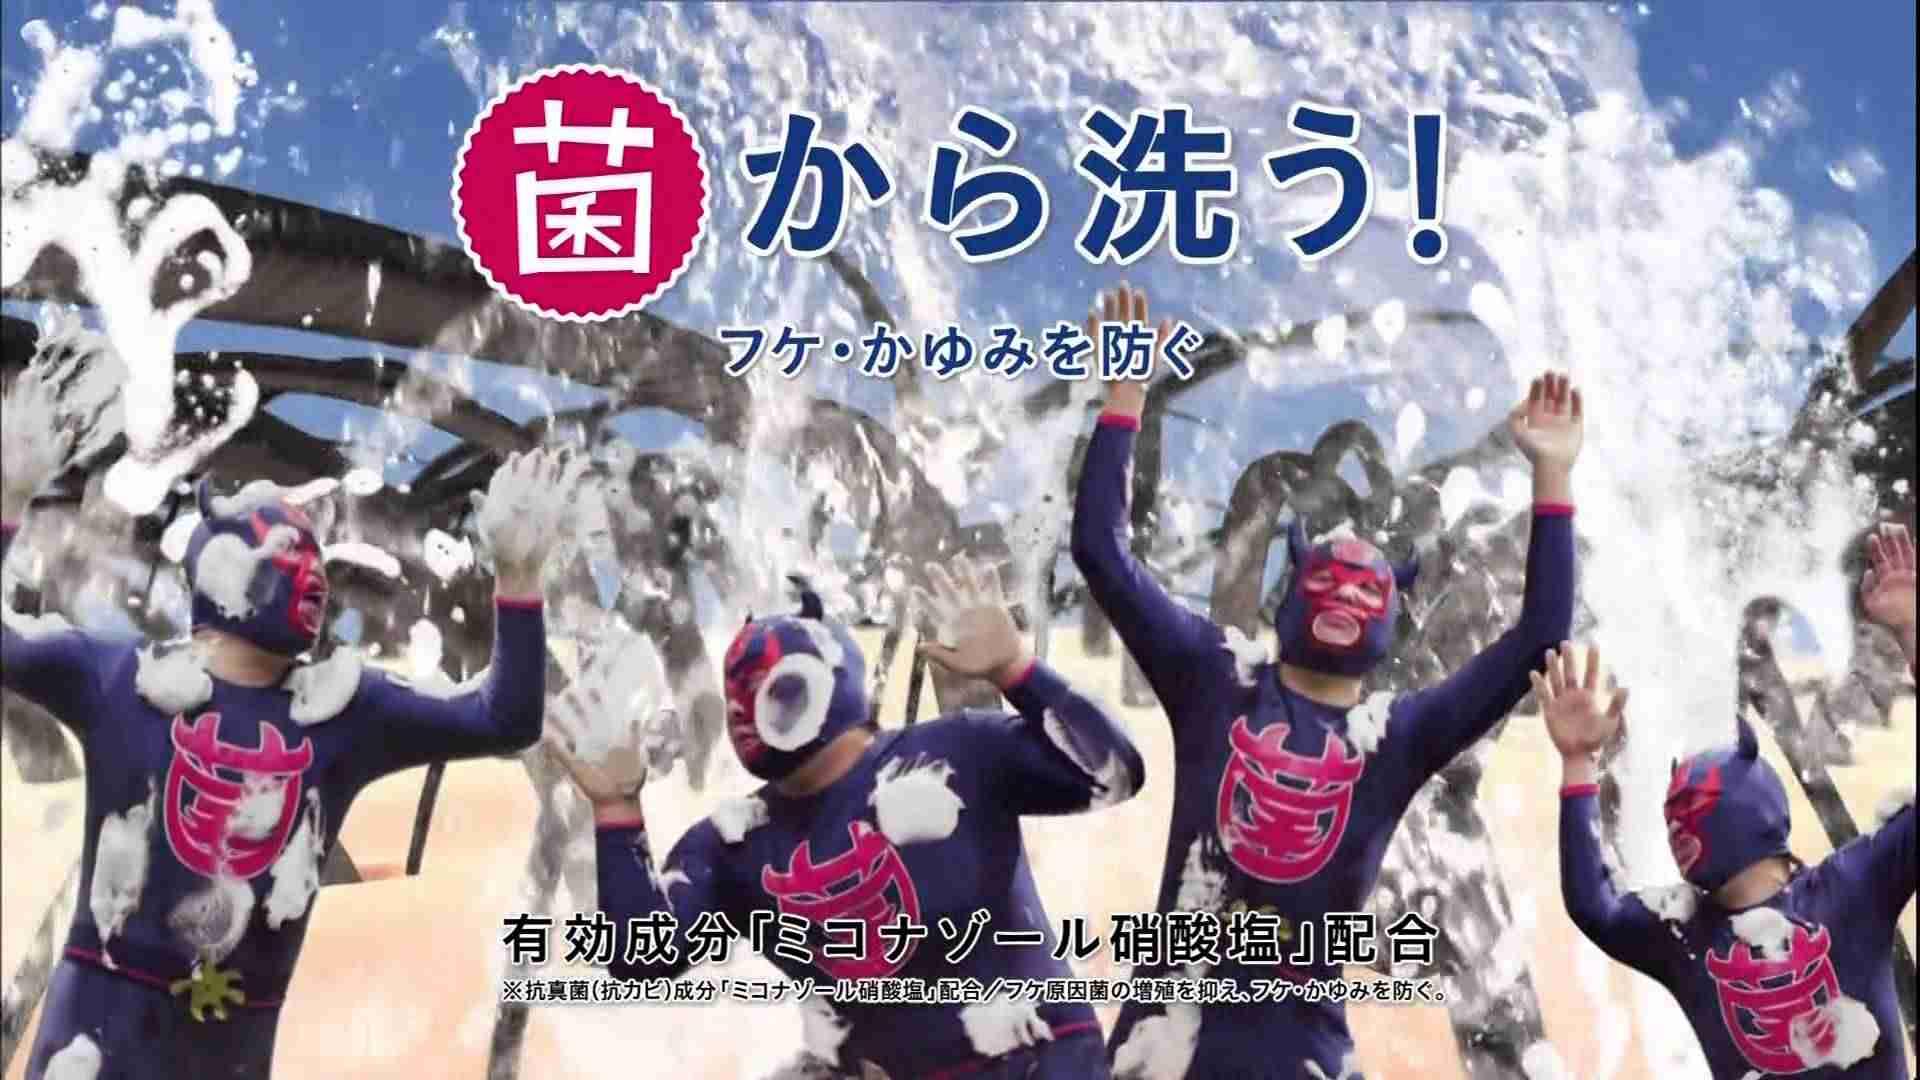 持田ヘルスケア コラージュフルフル スカルプシャンプー - YouTube